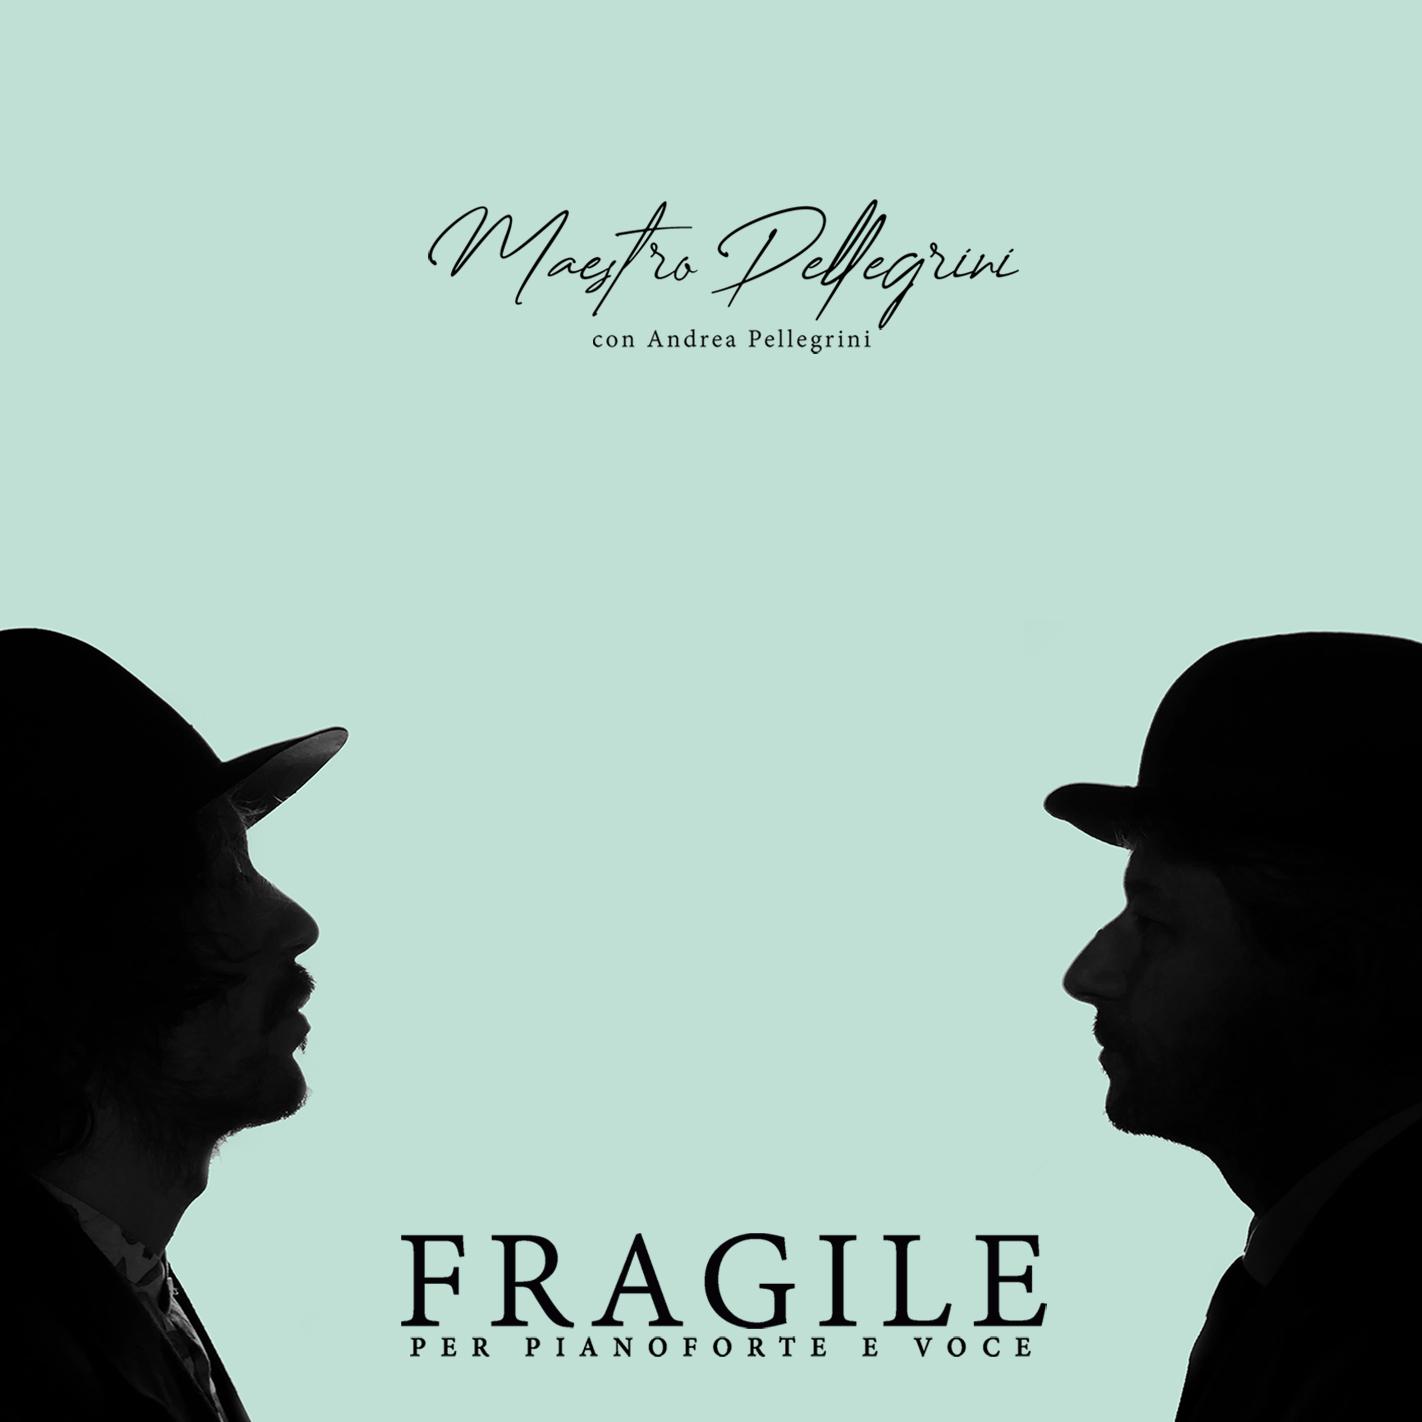 """""""Fragile per pianoforte e voce"""", in collaborazione con Andrea Pellegrini, è il nuovo album di Maestro Pellegrini!"""